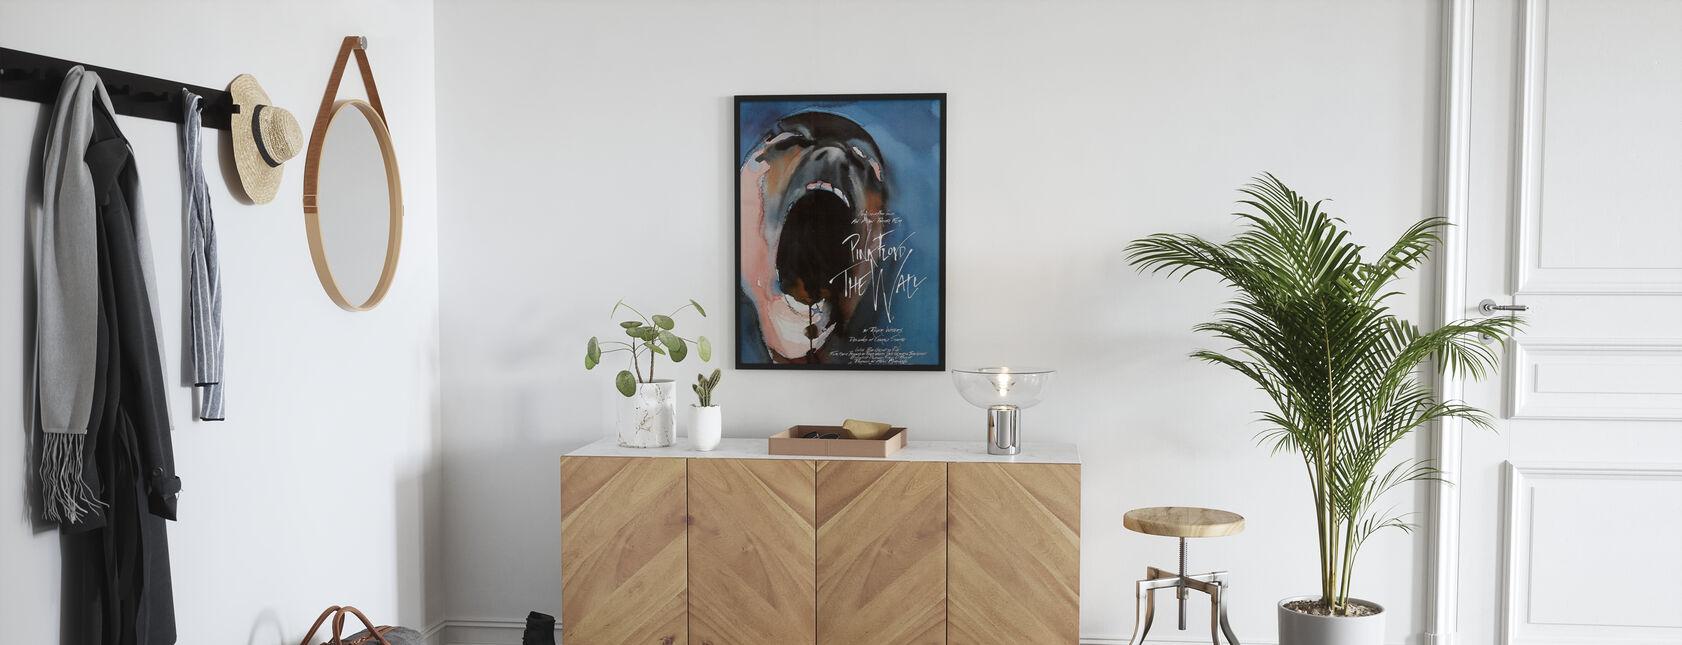 Wand - Pink Floyd - Poster - Flur